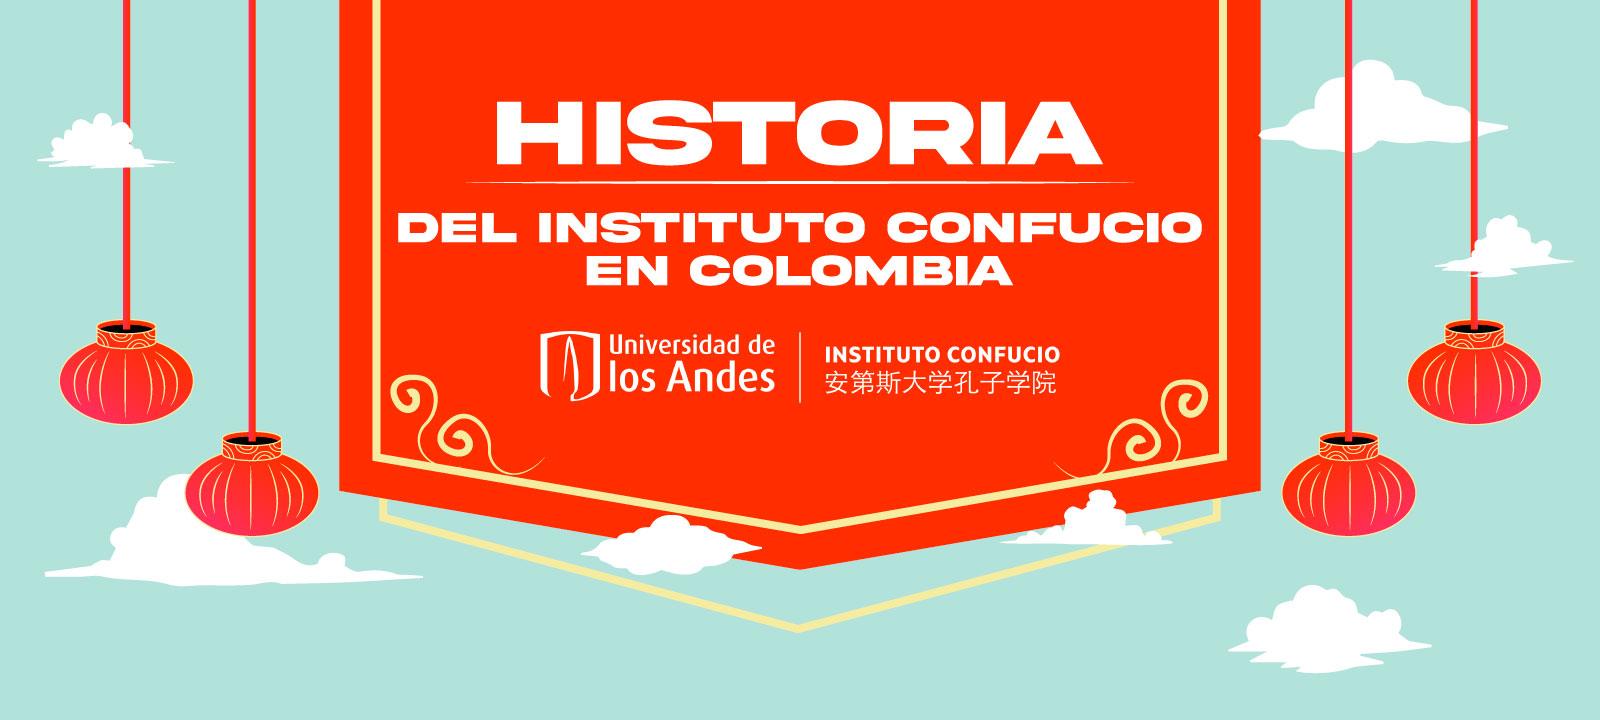 Historia Instituto confucio